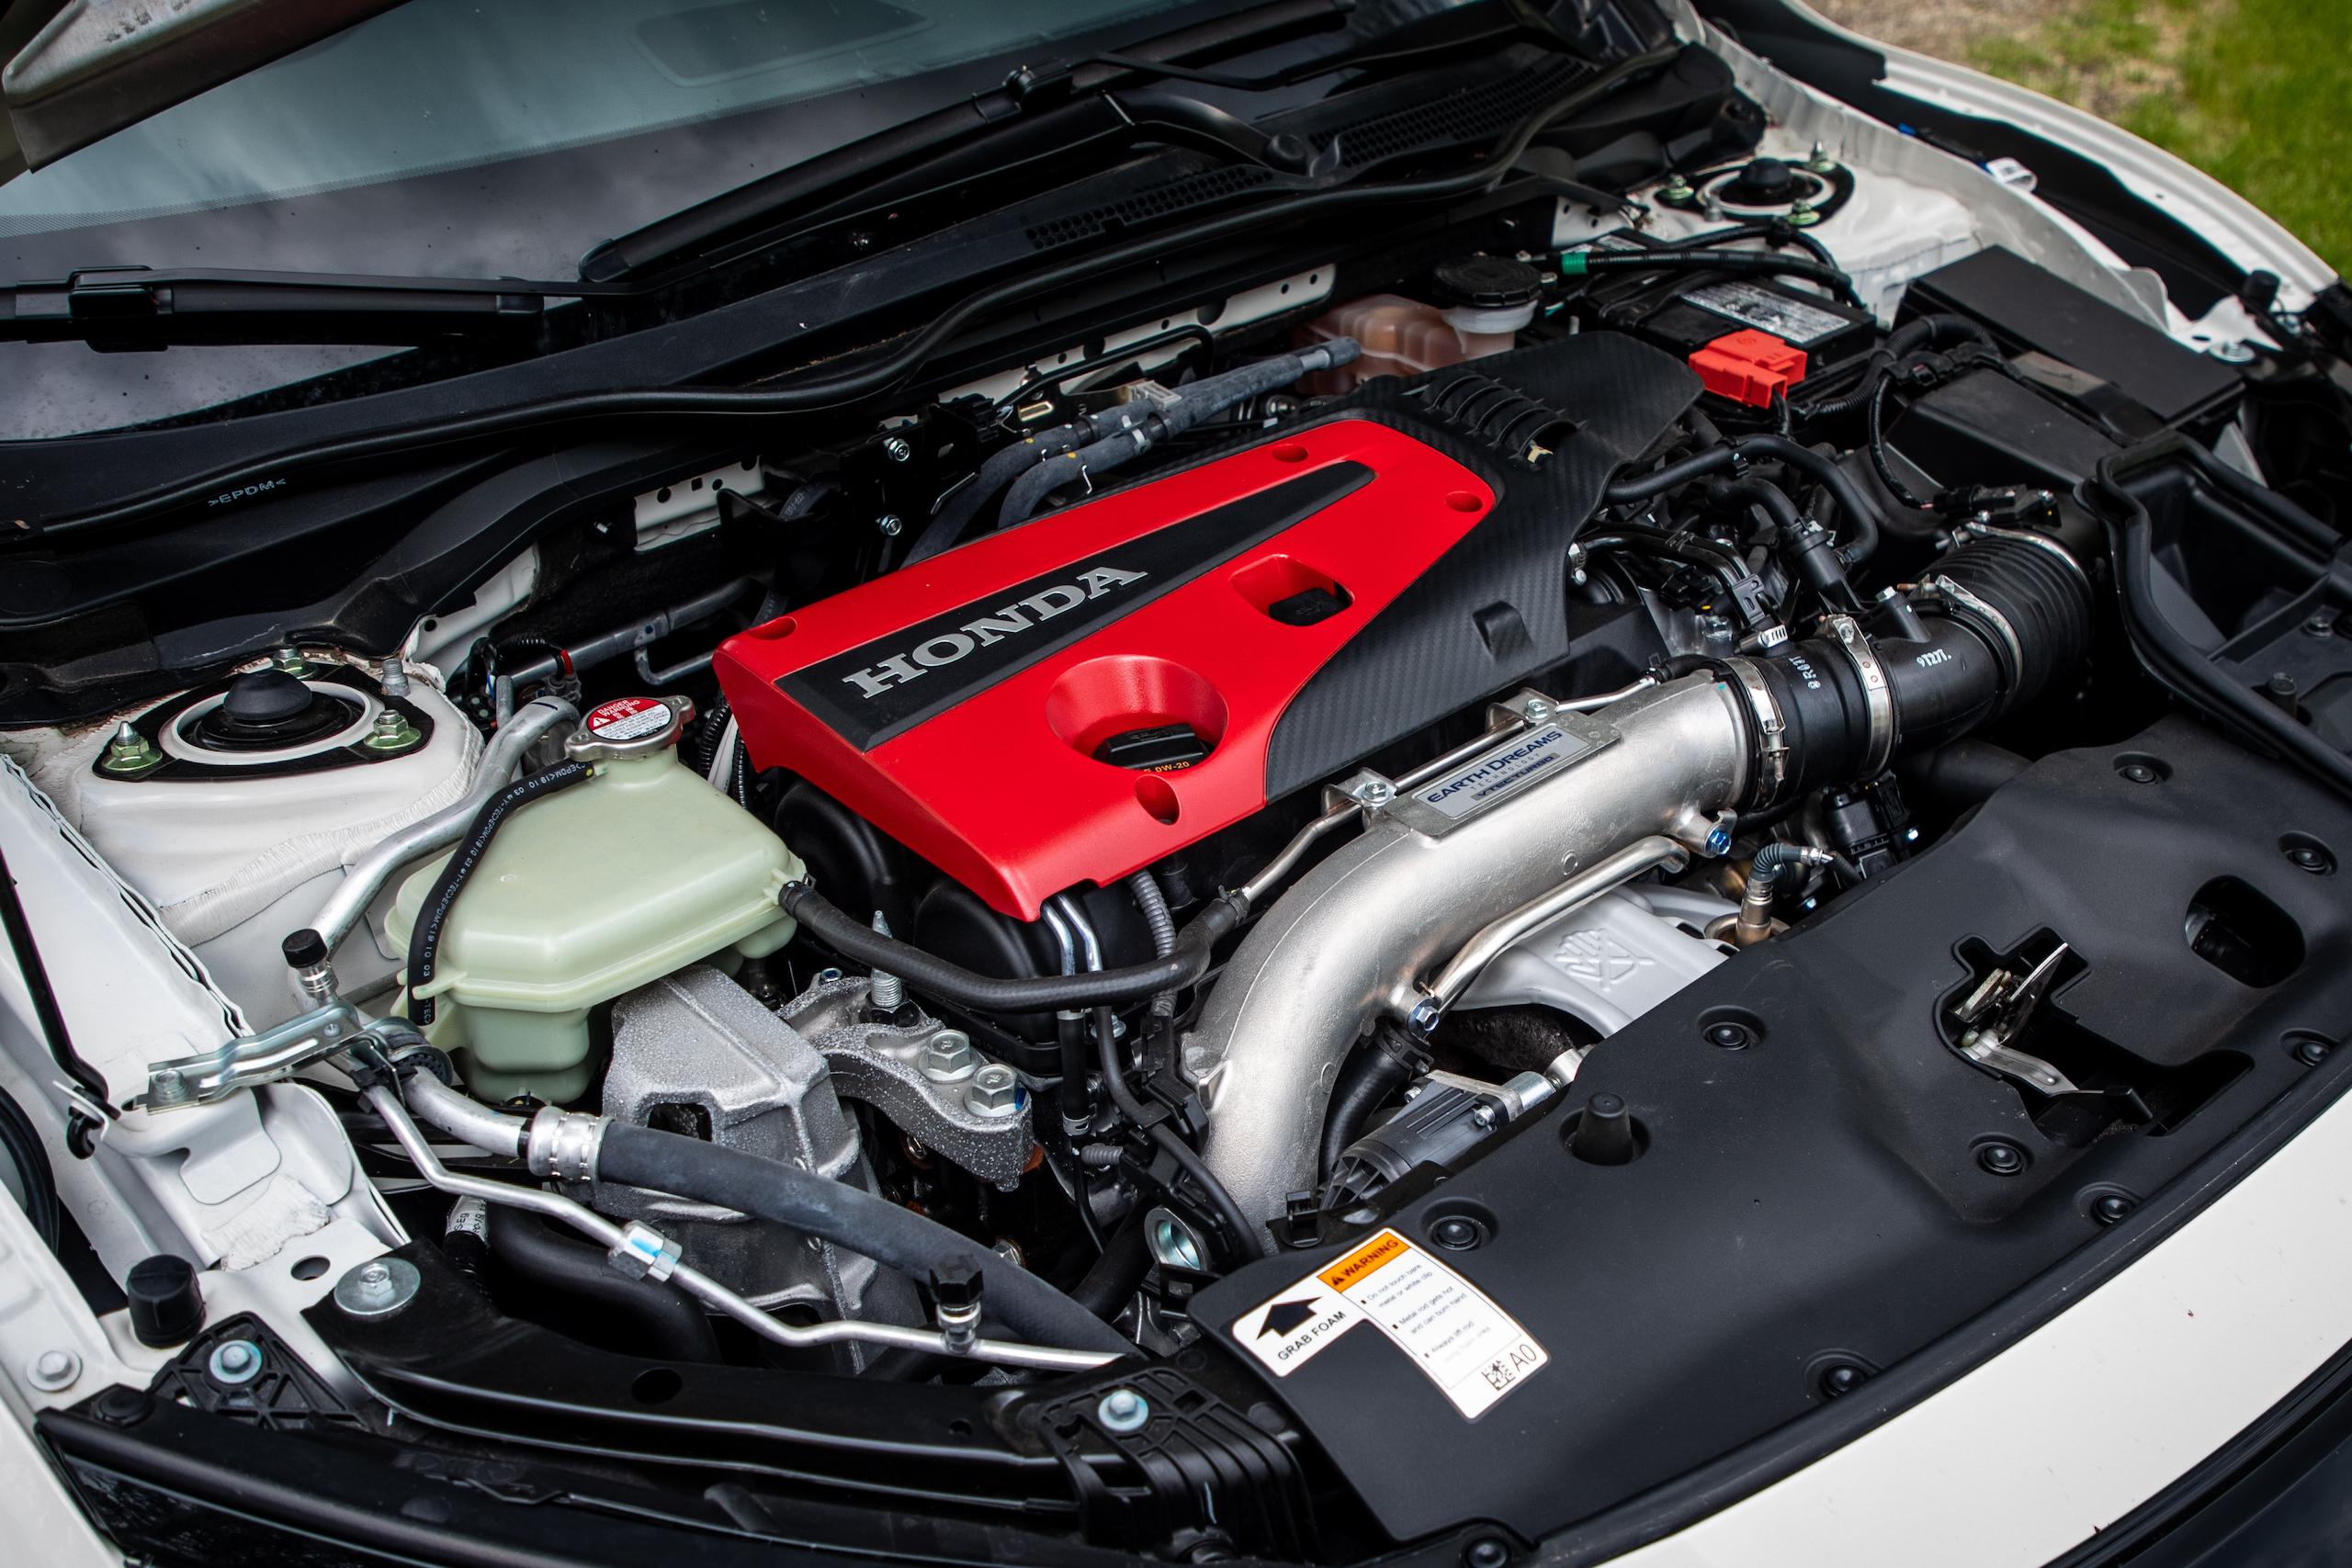 2020 Honda Civic Type R engine detail